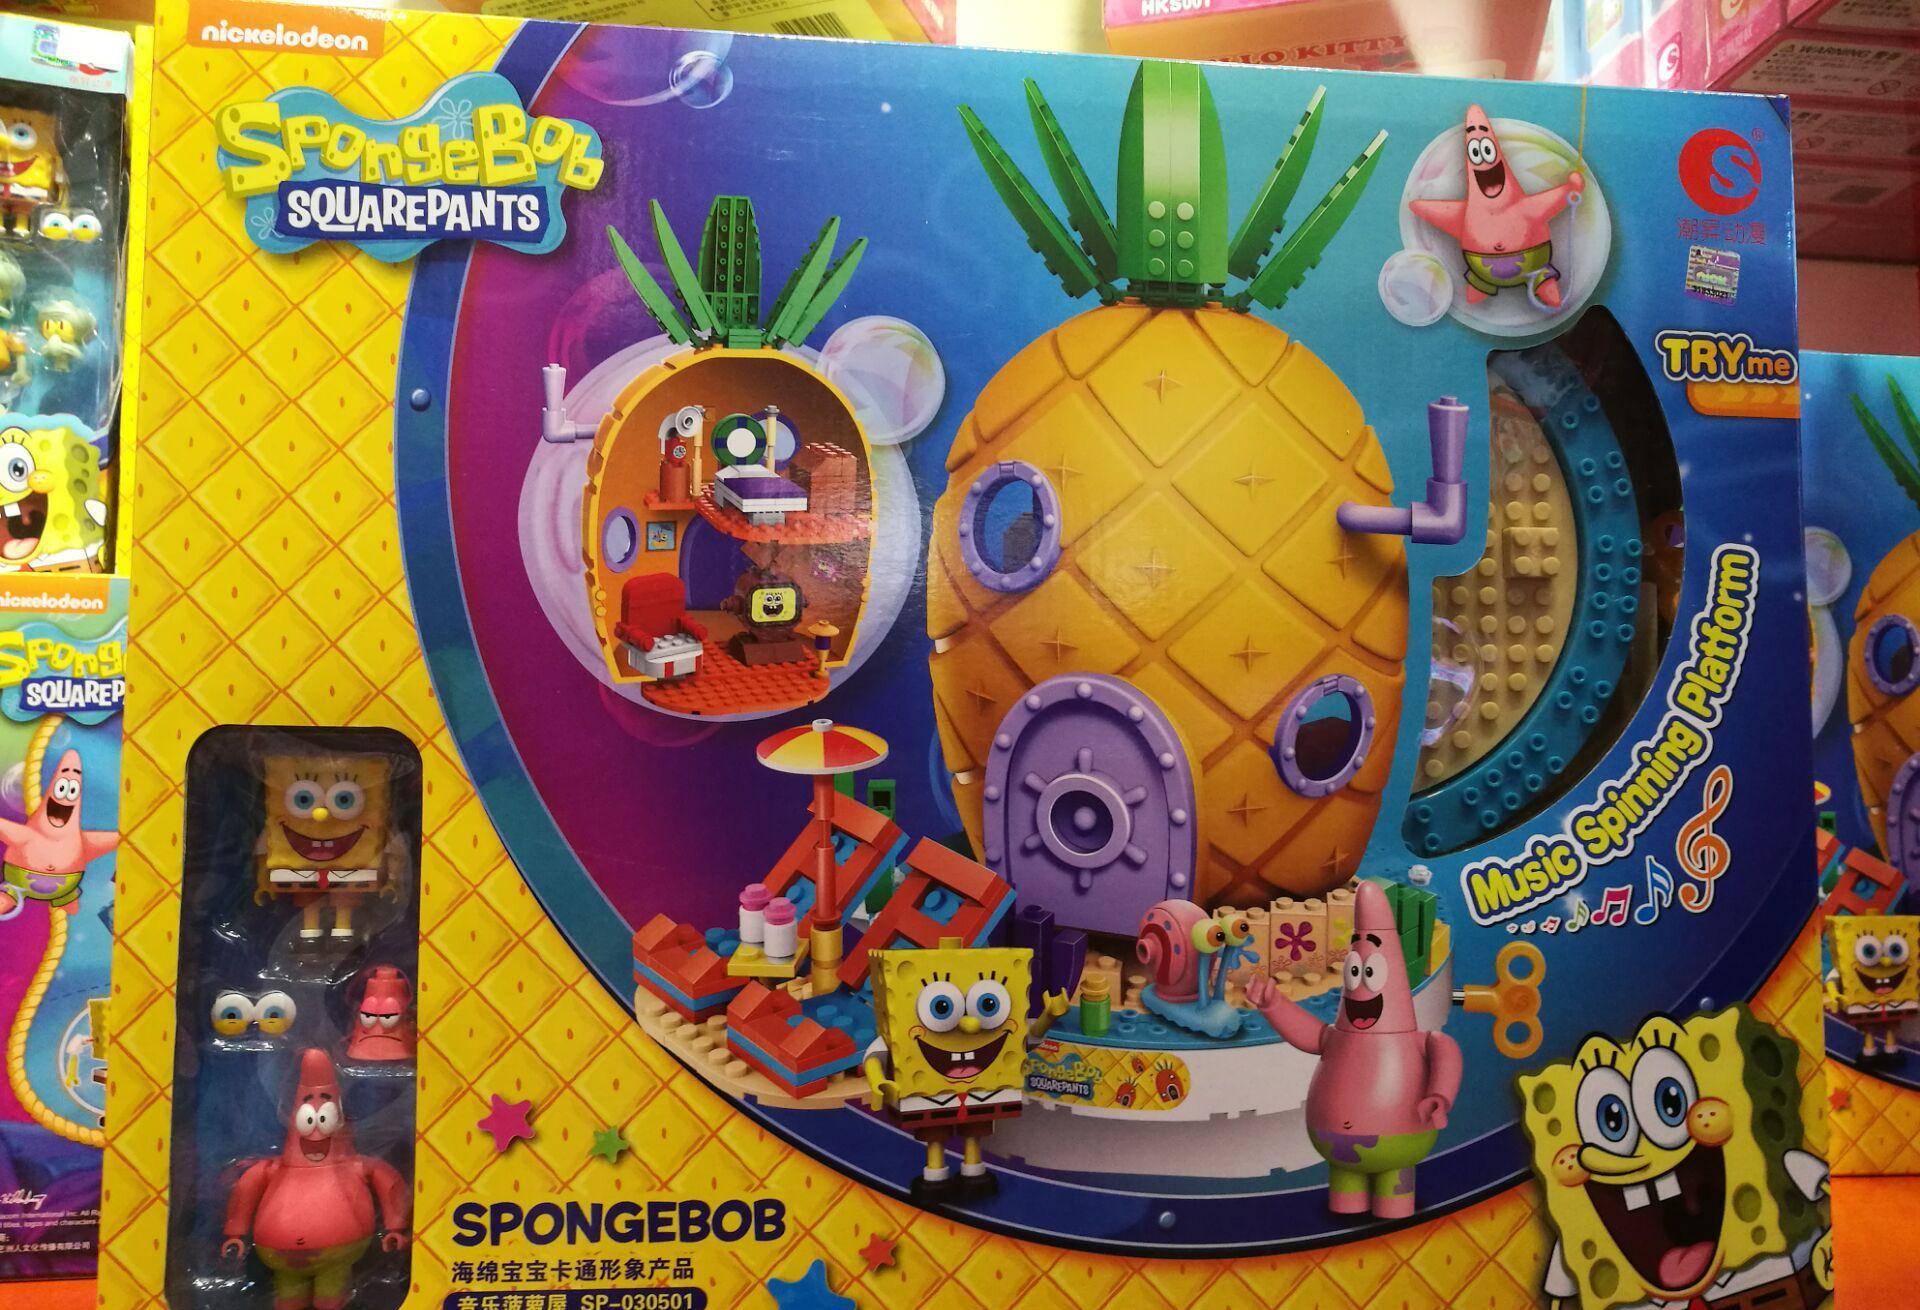 潮升儿童益智拼装拼插积木玩具 海绵宝宝音乐菠萝屋